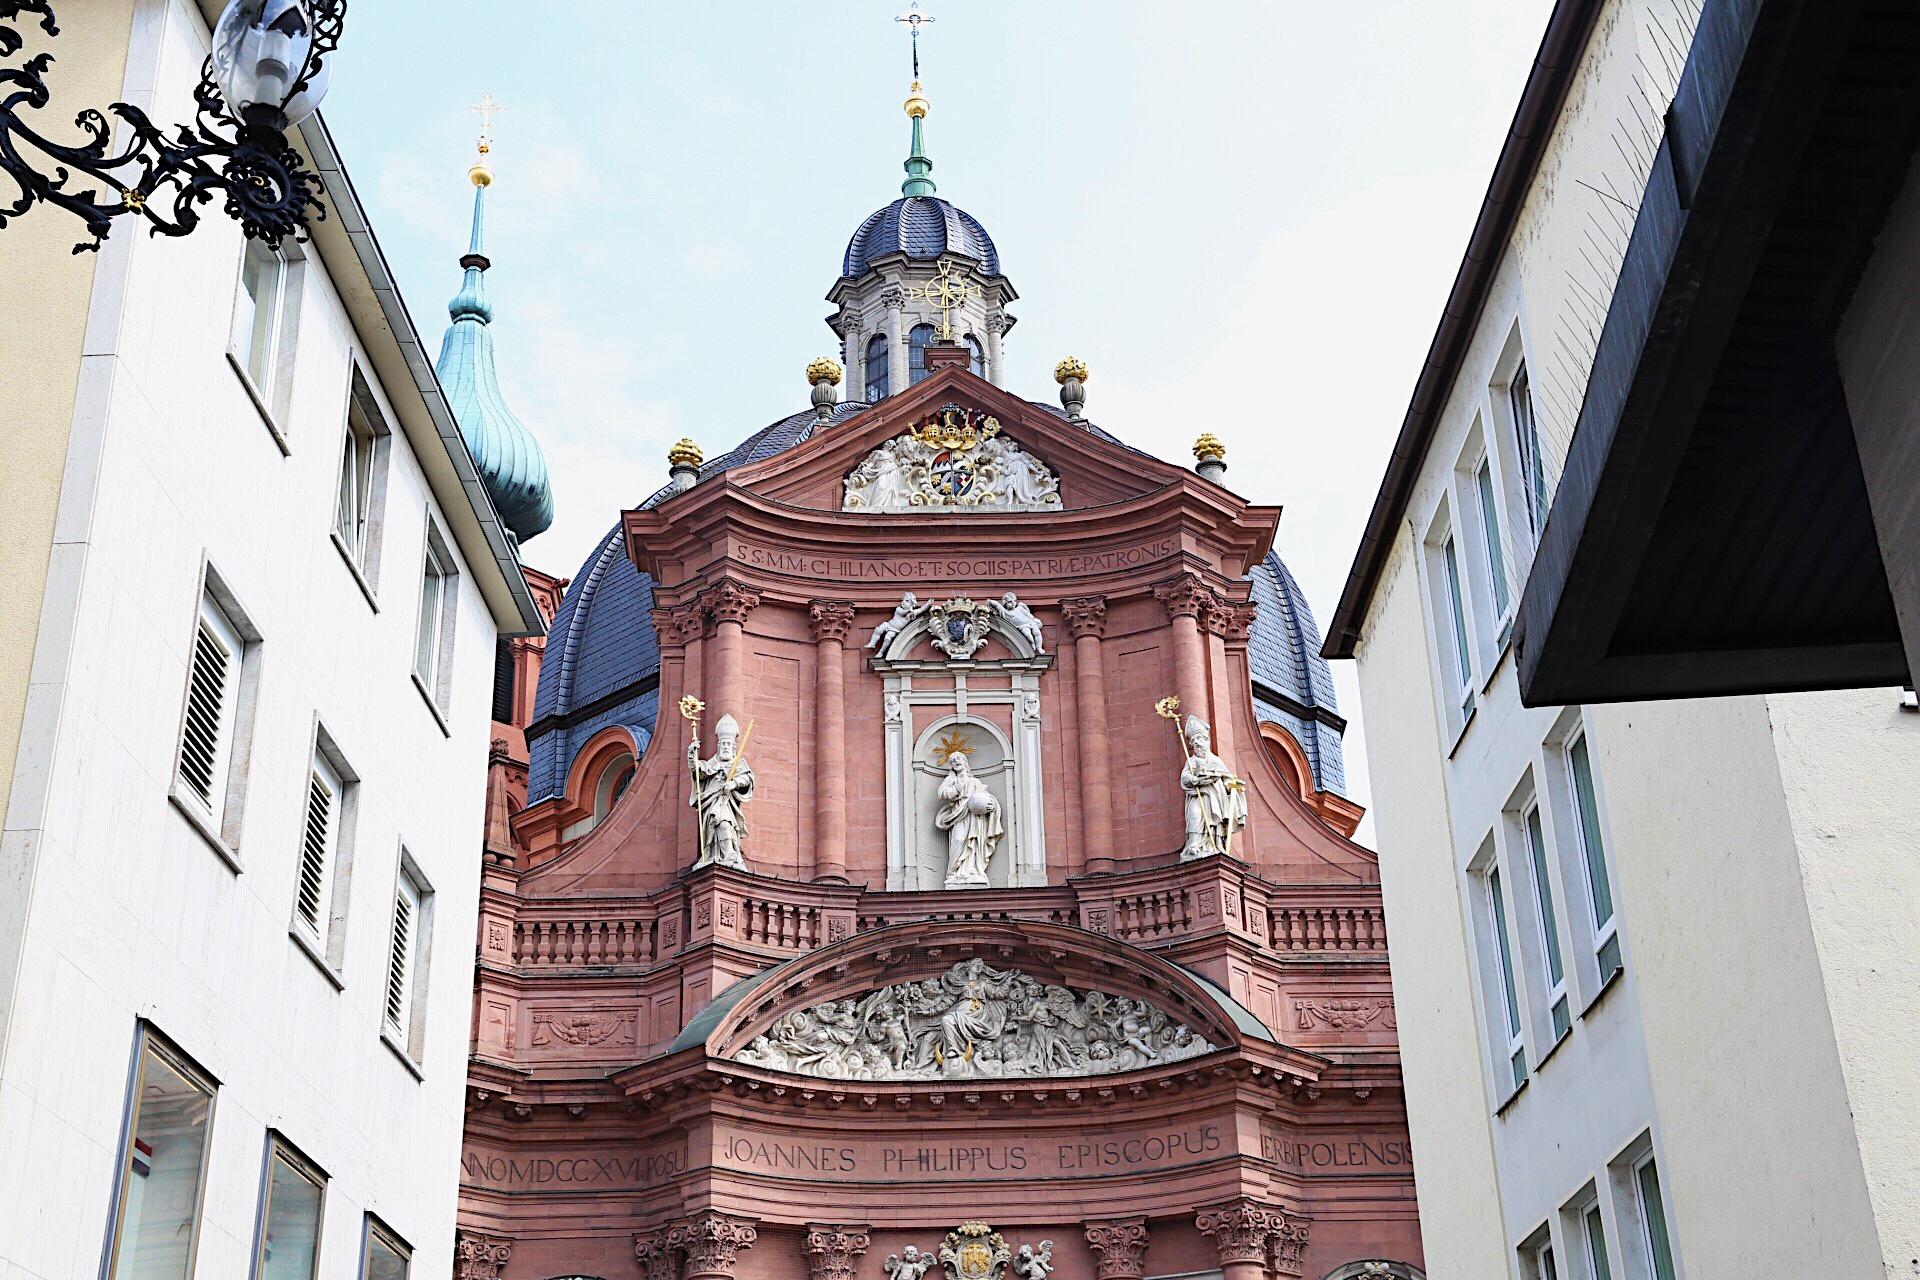 Joannes Philippus Episcopus Church, Wuerzburg